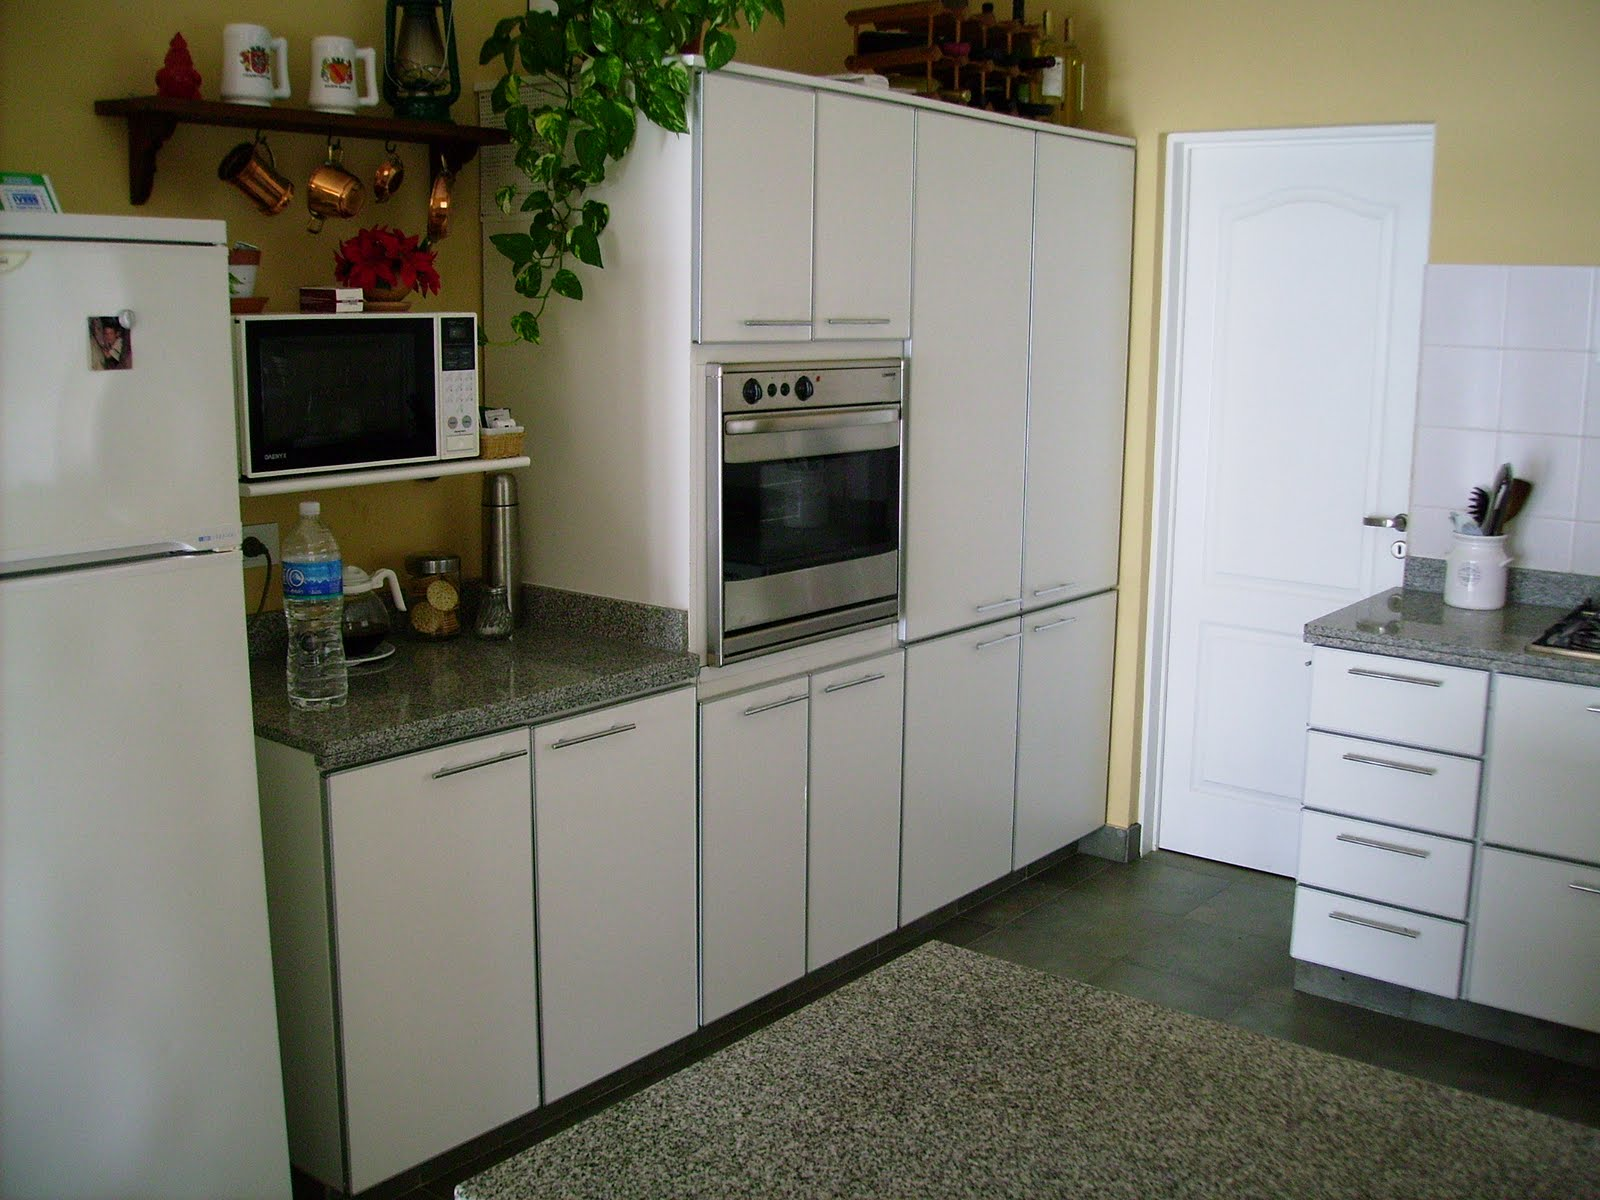 Cocinas Muebles De Cocina Artefactos Amoblamientos De  Holidays OO